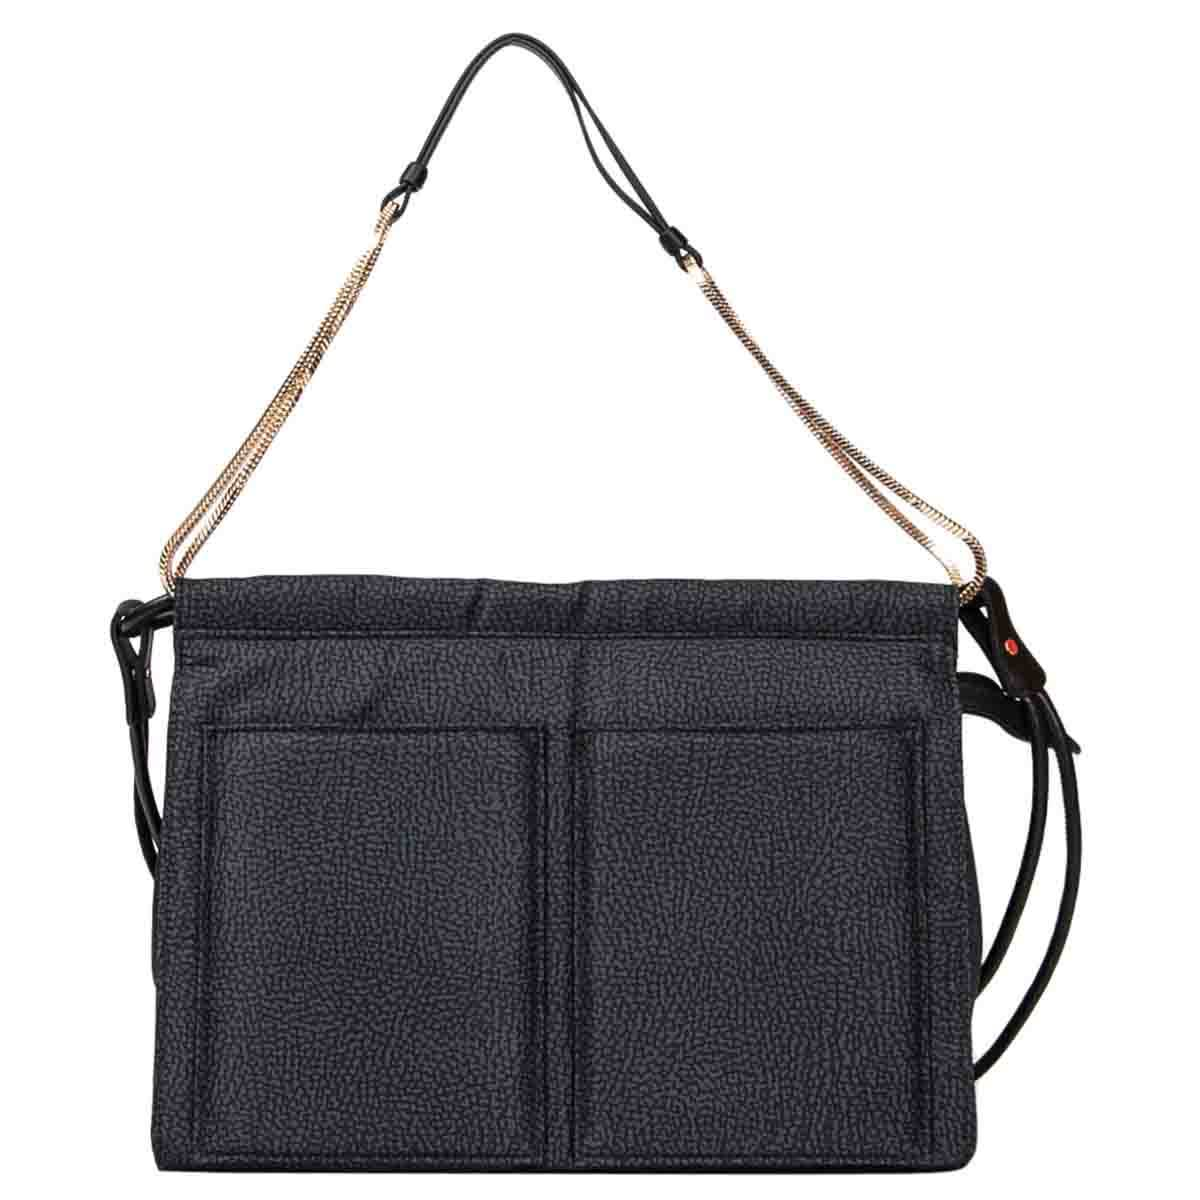 Medium Tender Cross Over Bag